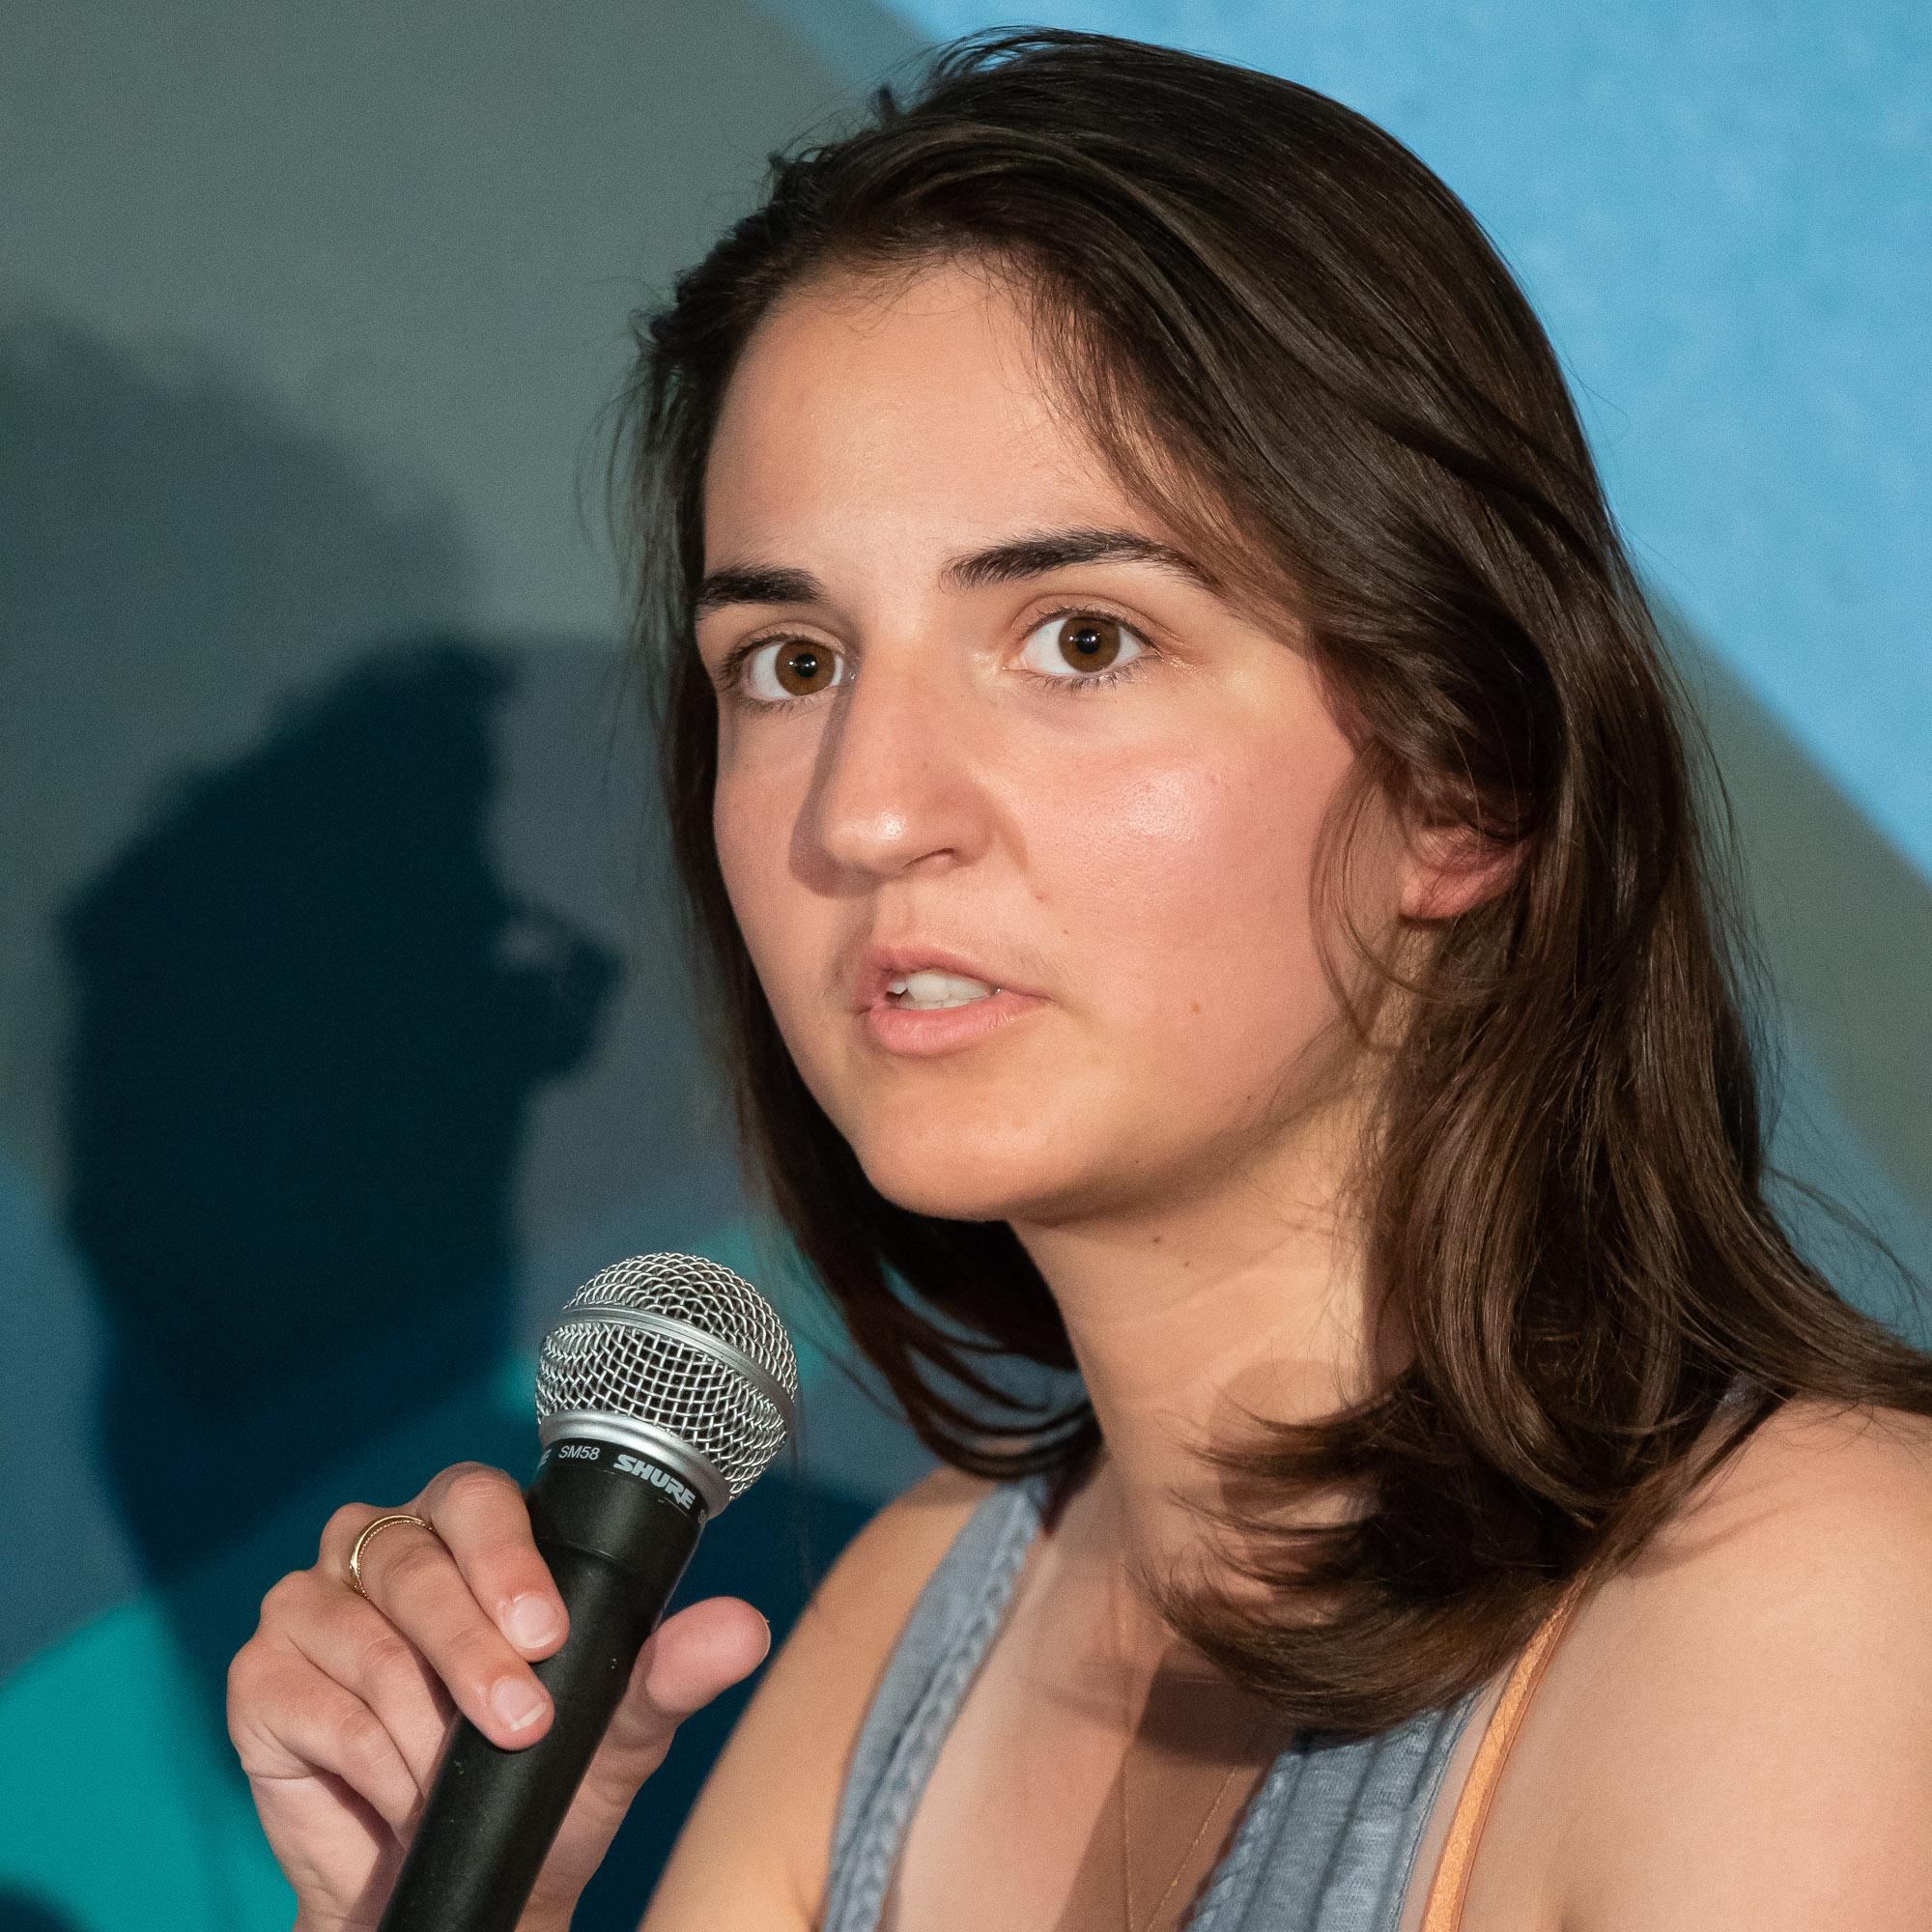 Justine Wuylsteker